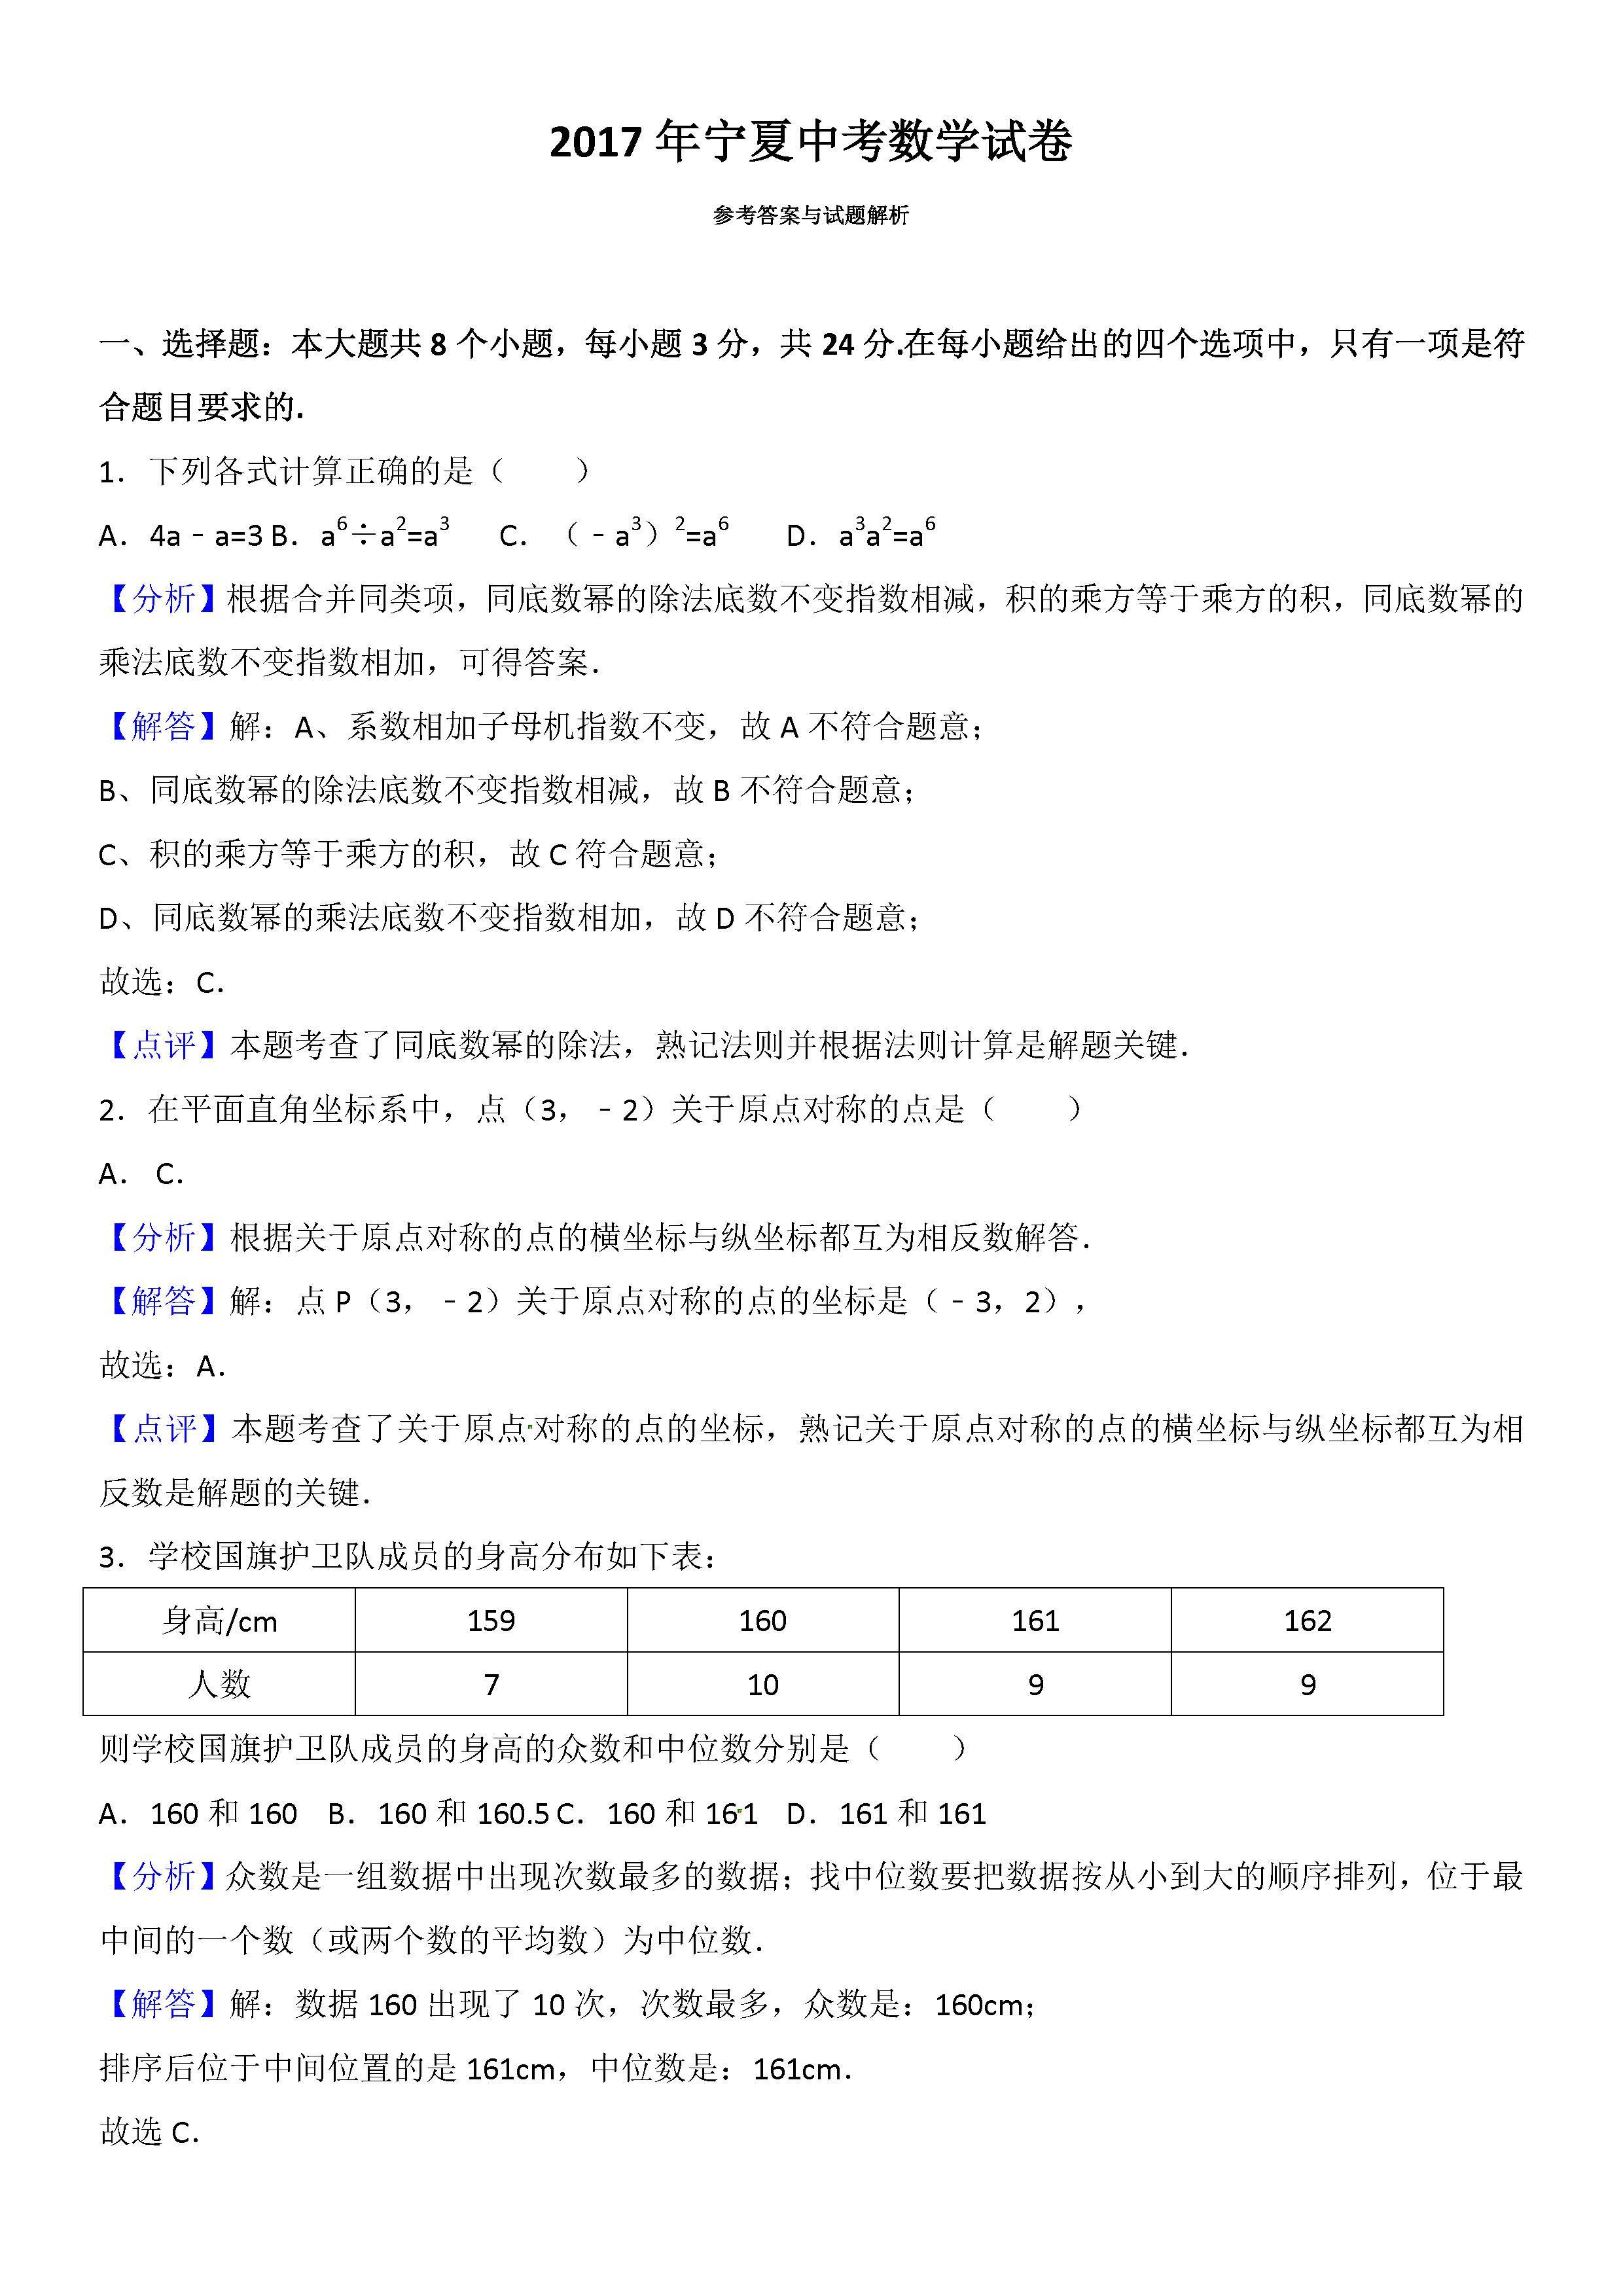 2017宁夏中考数学试题及答案解析(图片版含答案)